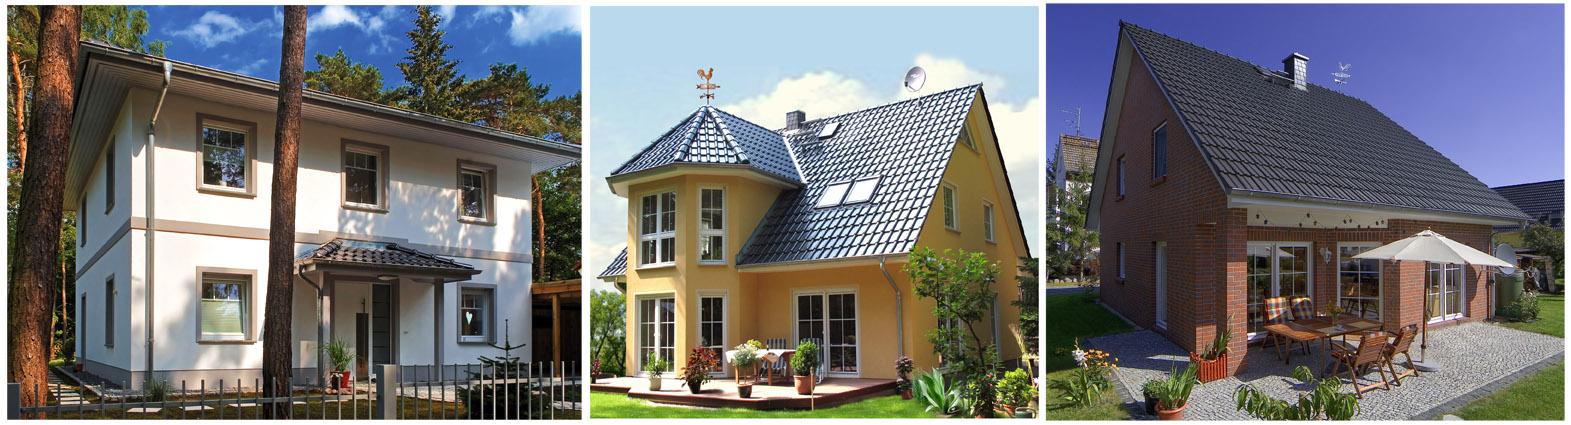 Fertighaus, Plusenergiehaus @ Hausbau-Seite.de | Eine Stadtvilla Lugana, ein Turmhaus sowie das Landhaus Wismar (v. l. n. r. – Abb. ähnlich) stehen Bauinteressierten am kommenden Wochenende zur Besichtigung offen. Foto: Roth Massivhaus